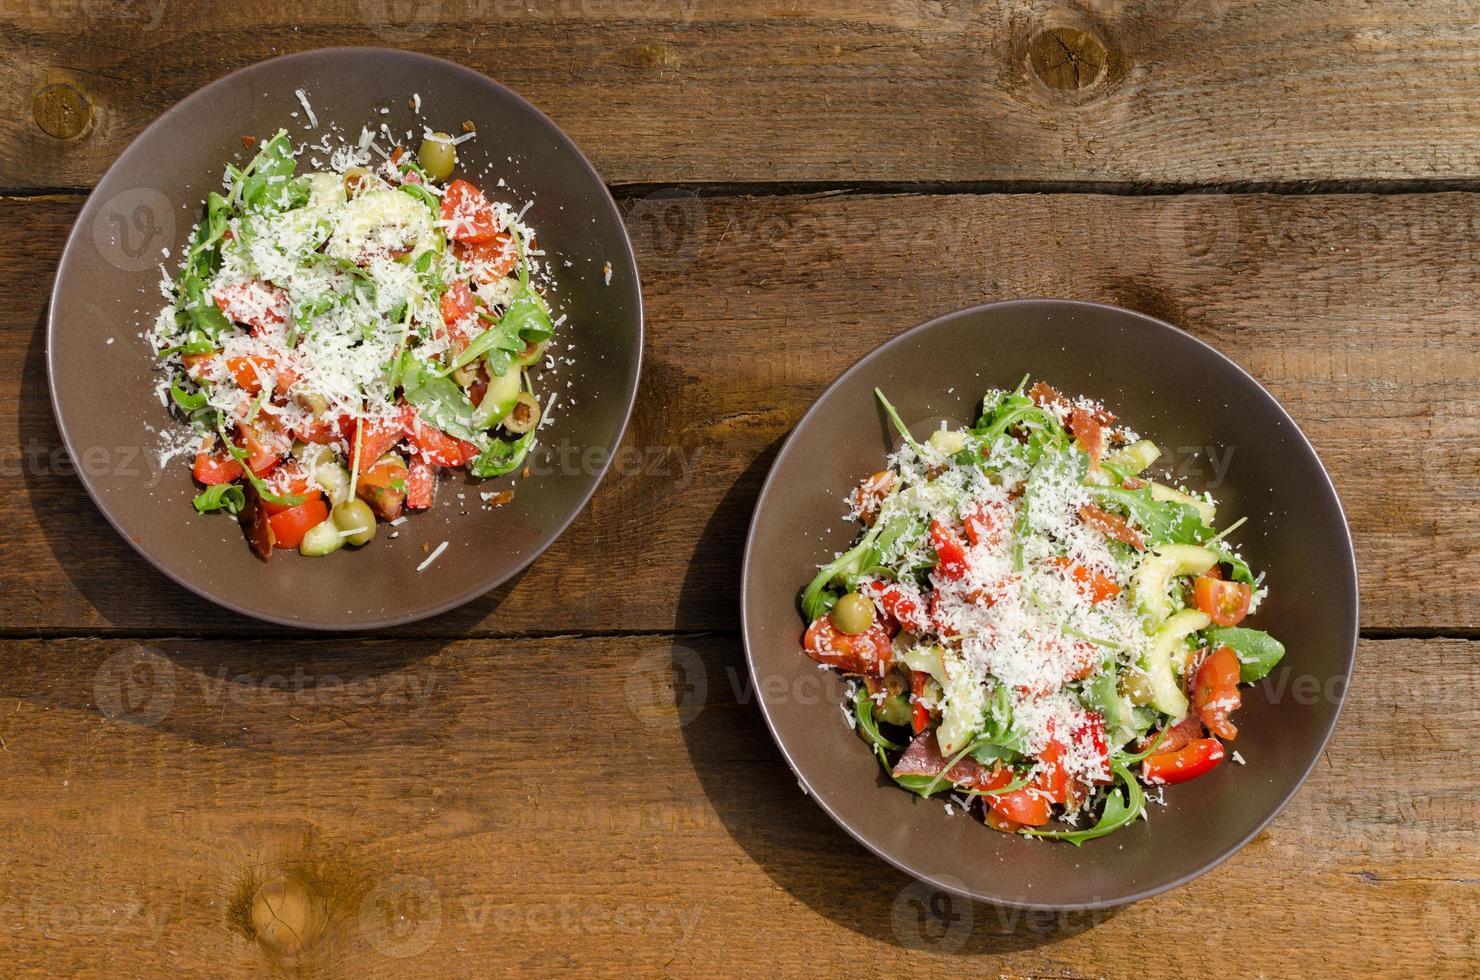 salade de roquette aux tomates, olives et parmesan photo